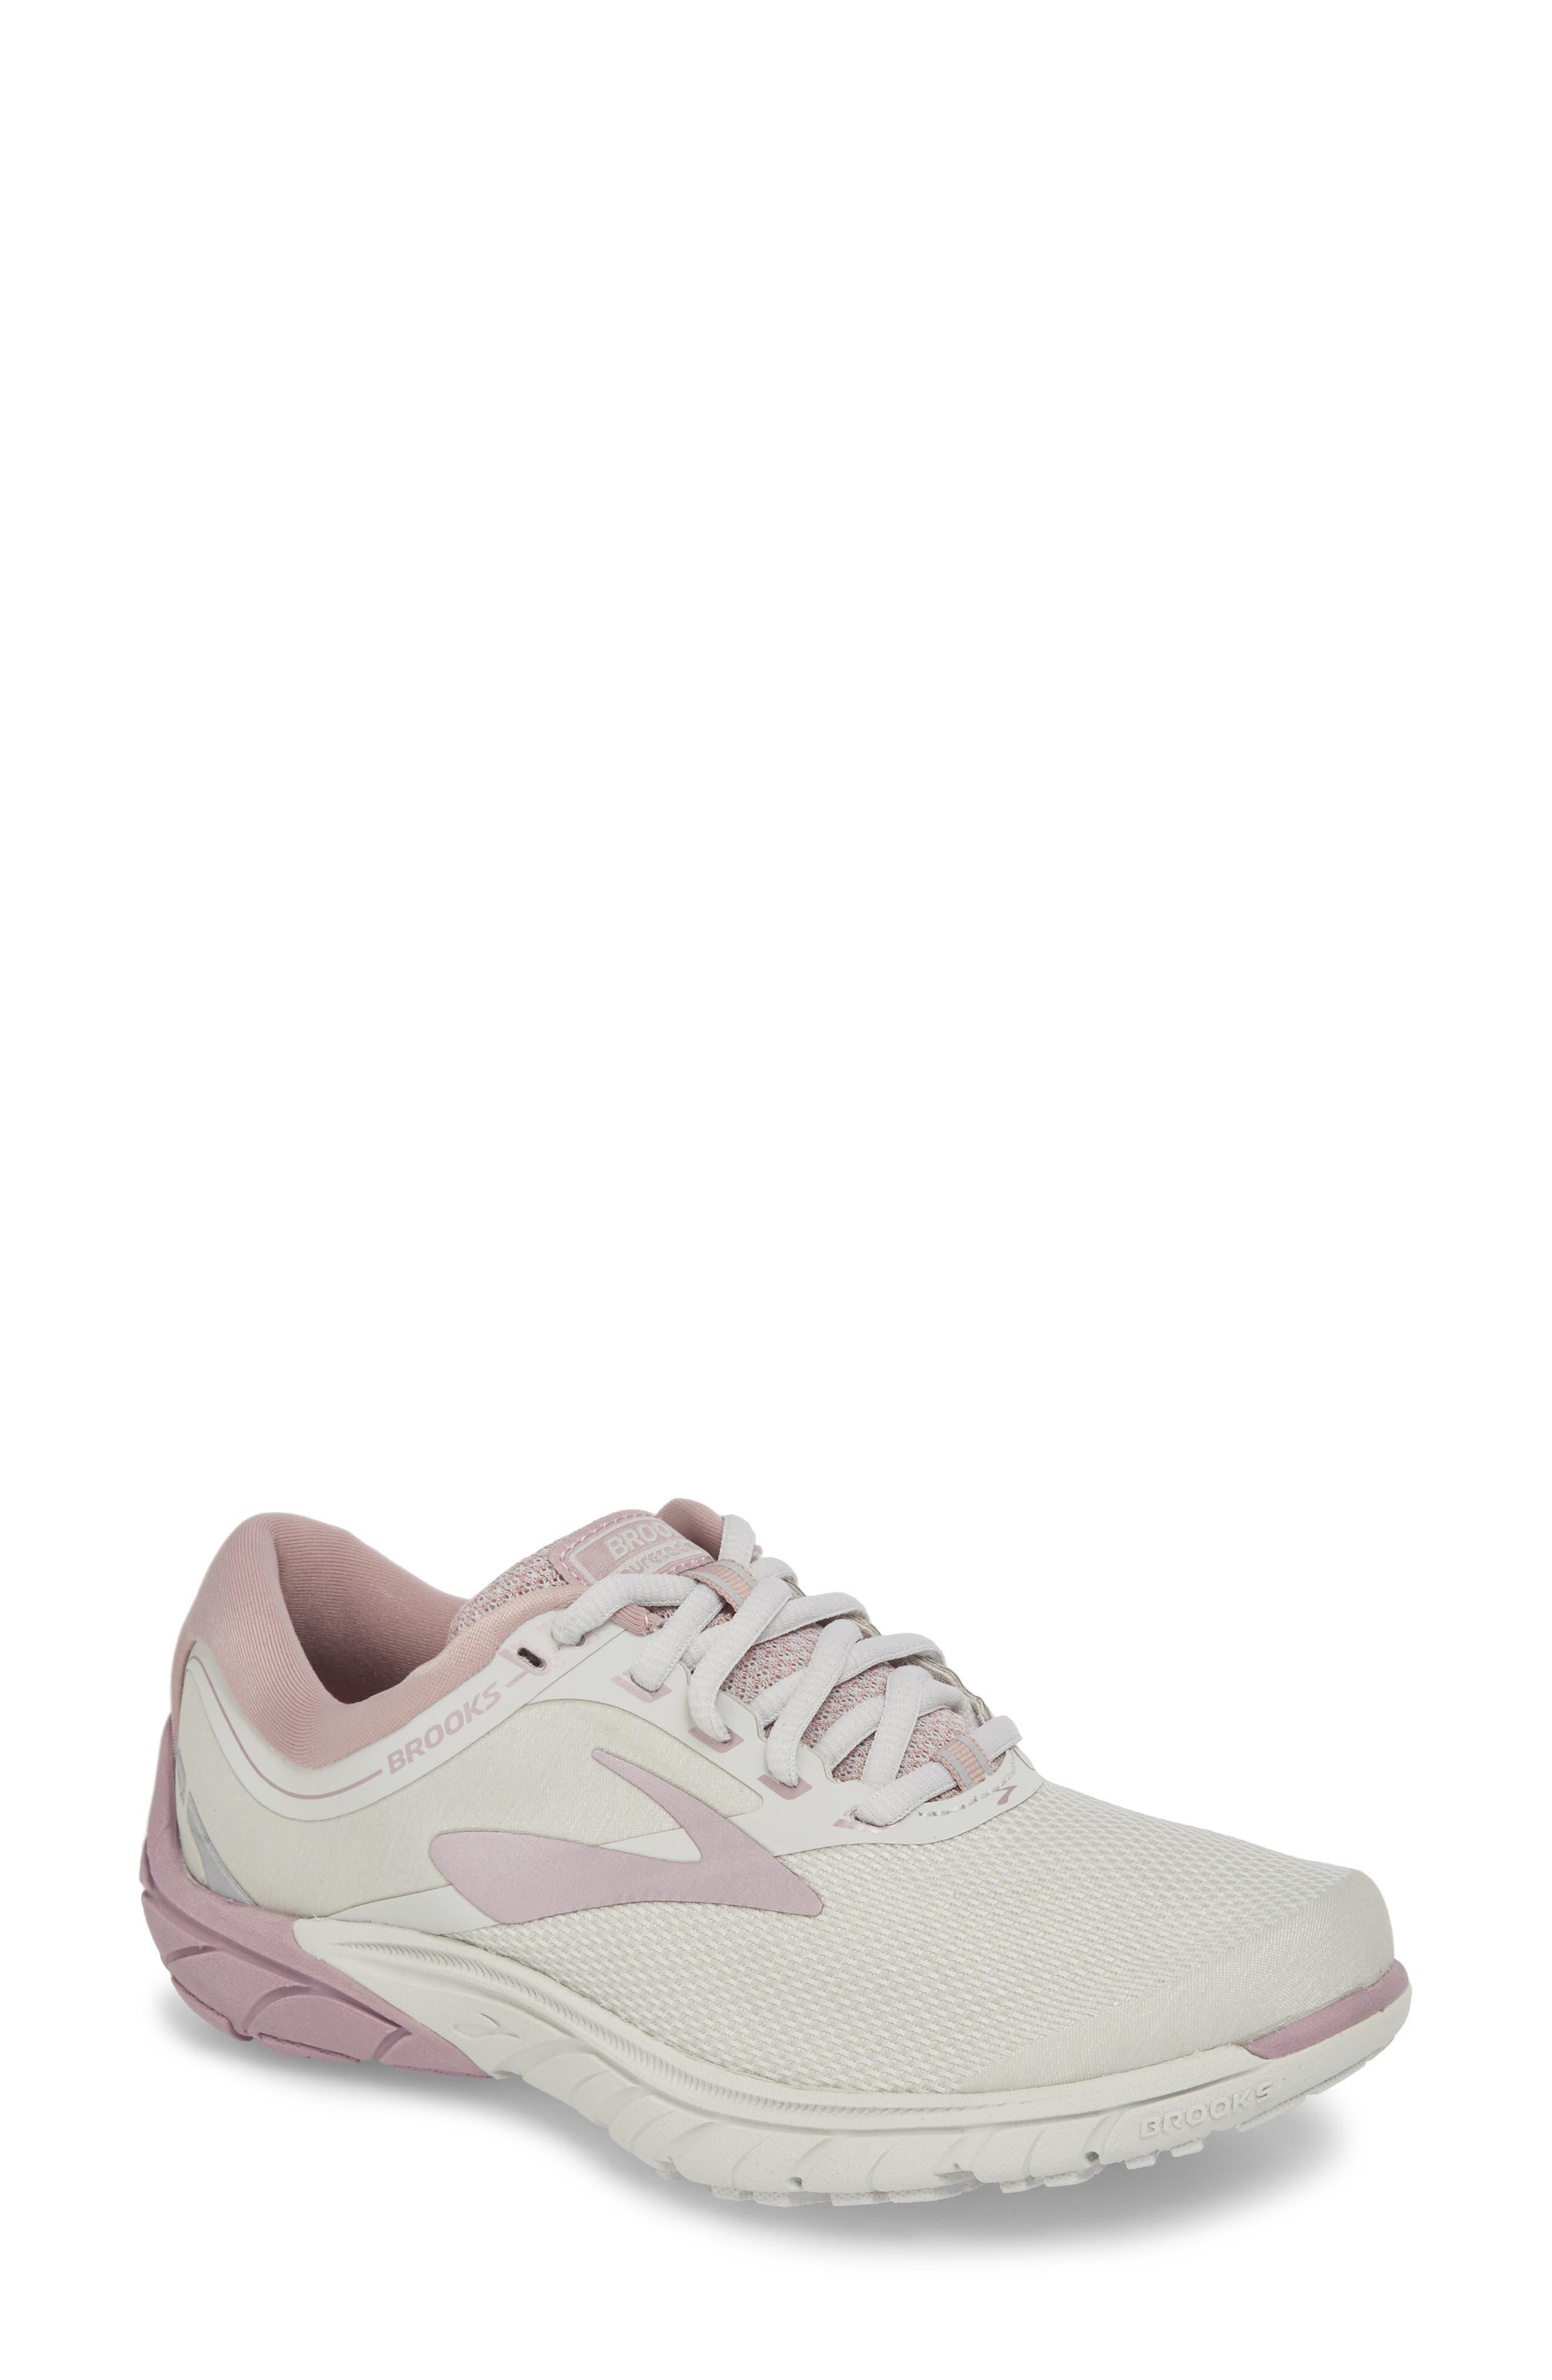 Brooks Purecadence 7 Road Running Shoe, White